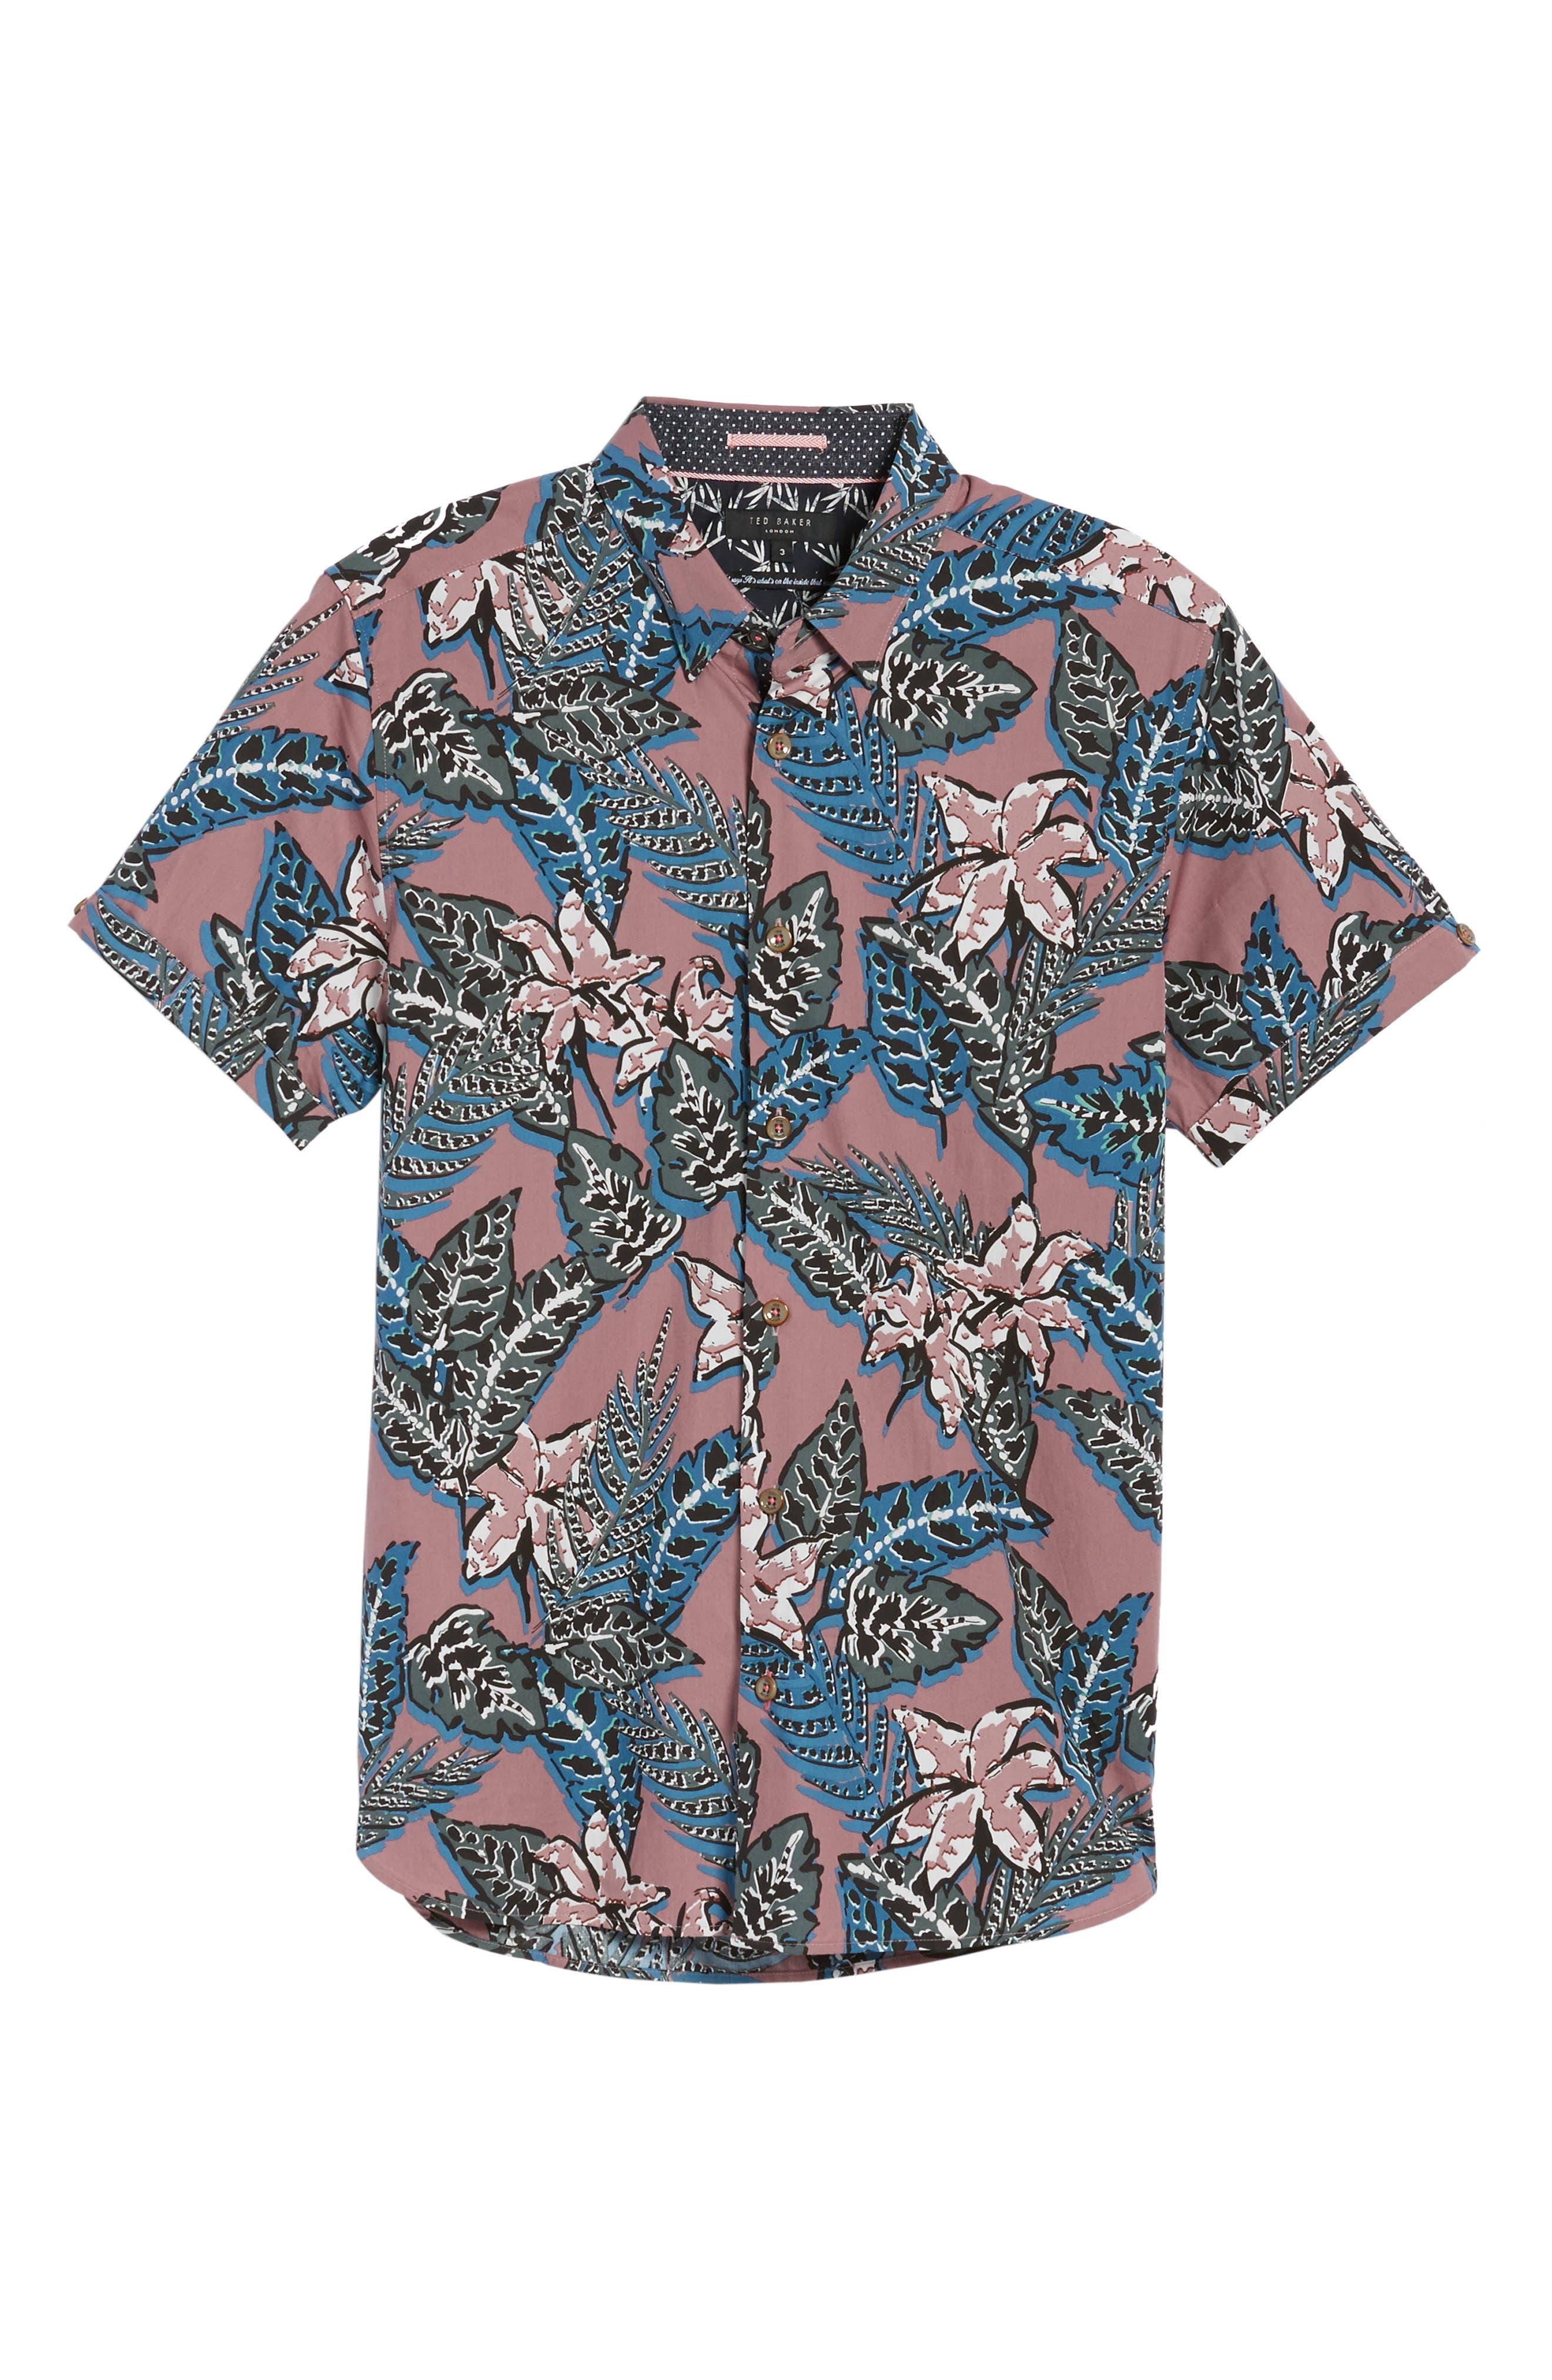 Clbtrop Trim Fit Tropical Woven Shirt,                             Alternate thumbnail 6, color,                             Pink